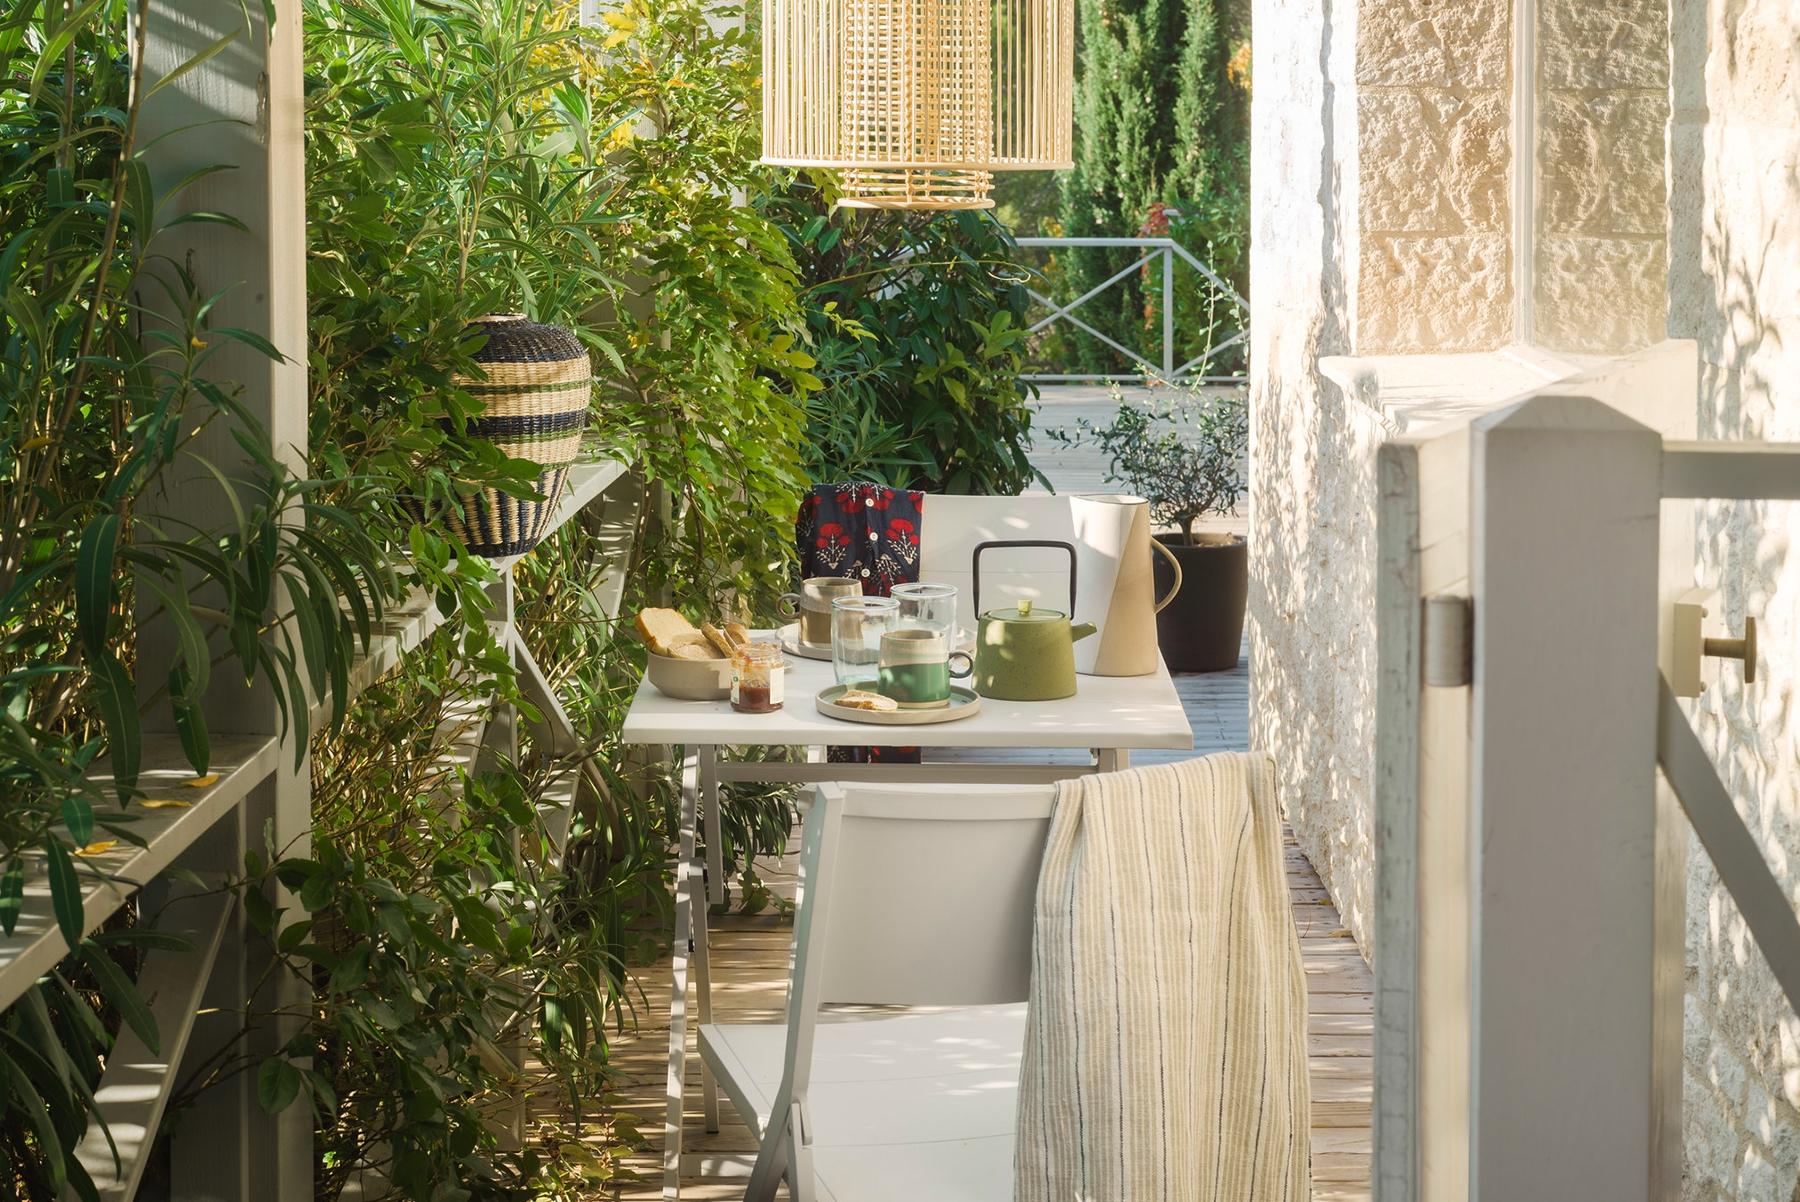 Mesa y sillas Petra y lámpara Paradis de Habitat Design Studio.